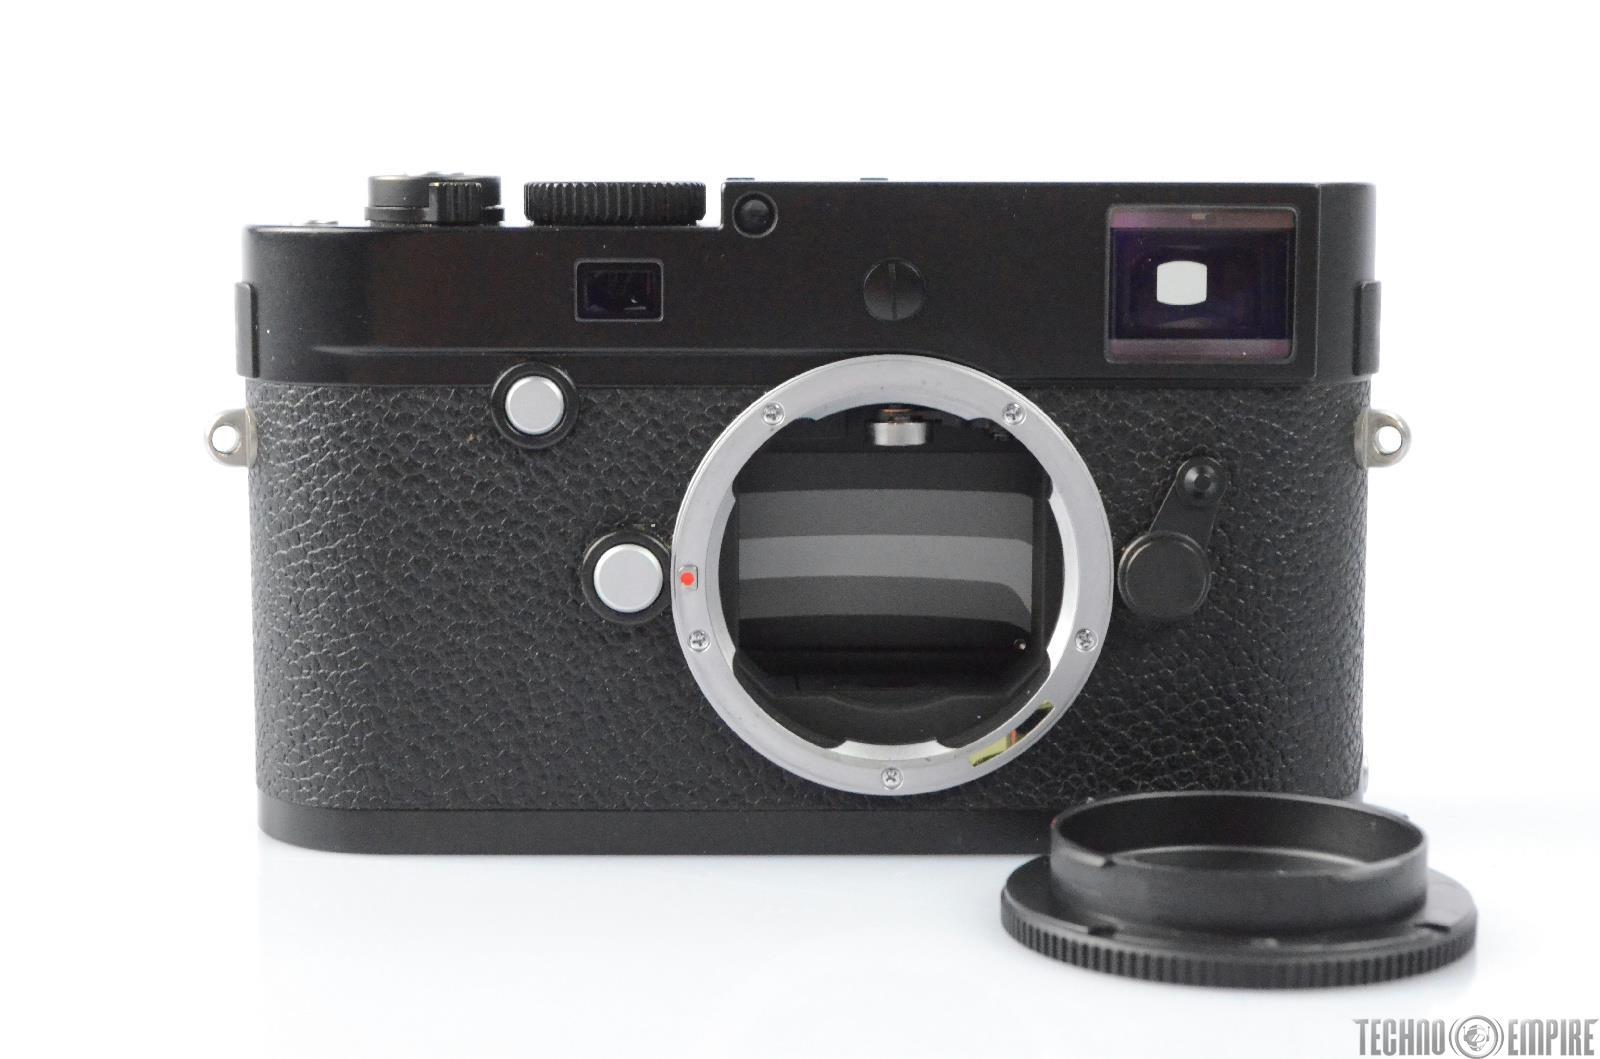 Leica M-P Typ 240 Digital Rangefinder Camera Black w/ Packaging #28324